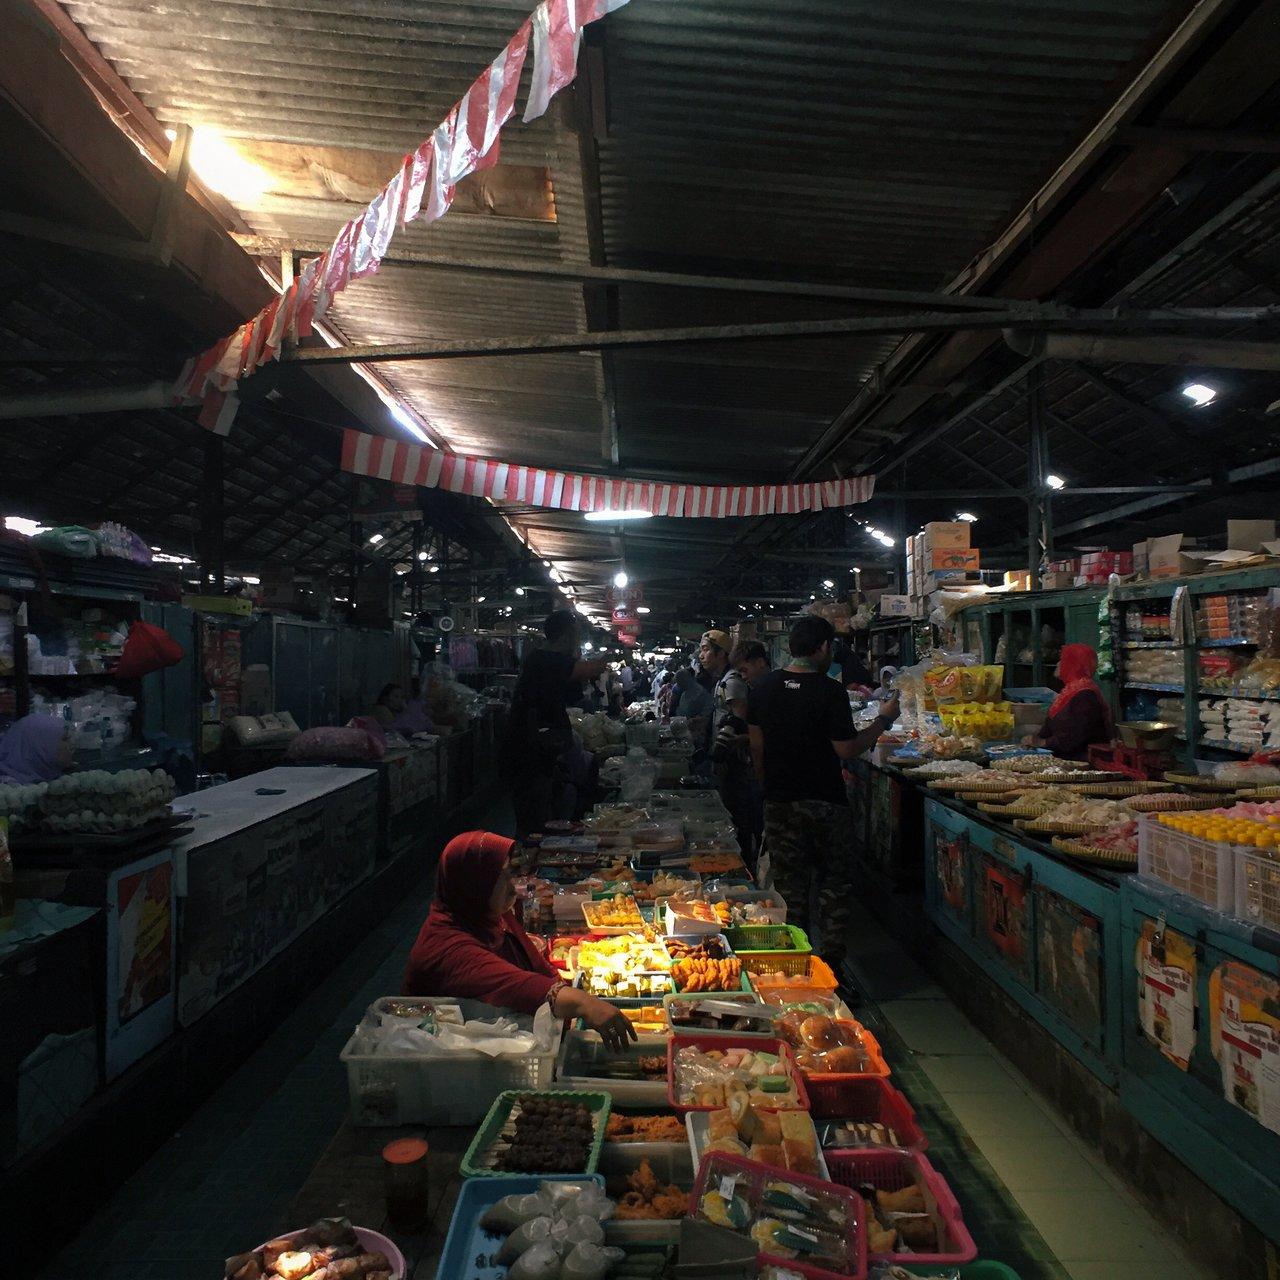 Yogyakarta 5 Días / 4 Noches Itinerario Blog